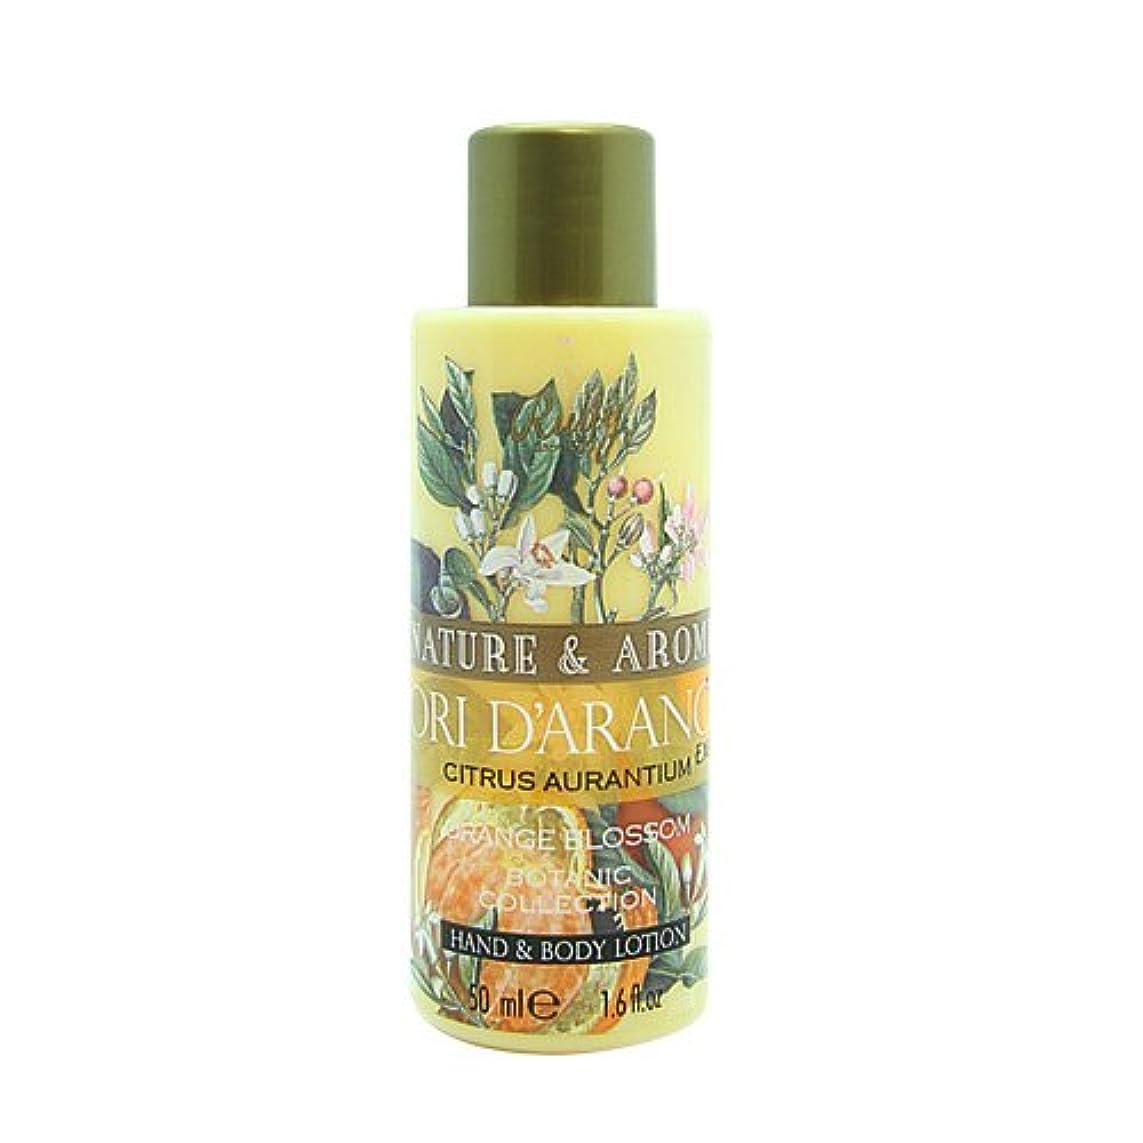 落ち着く真鍮適性RUDY Nature&Arome SERIES ルディ ナチュール&アロマ Mini Body lotion ミニボディローション オレンジブロッサム